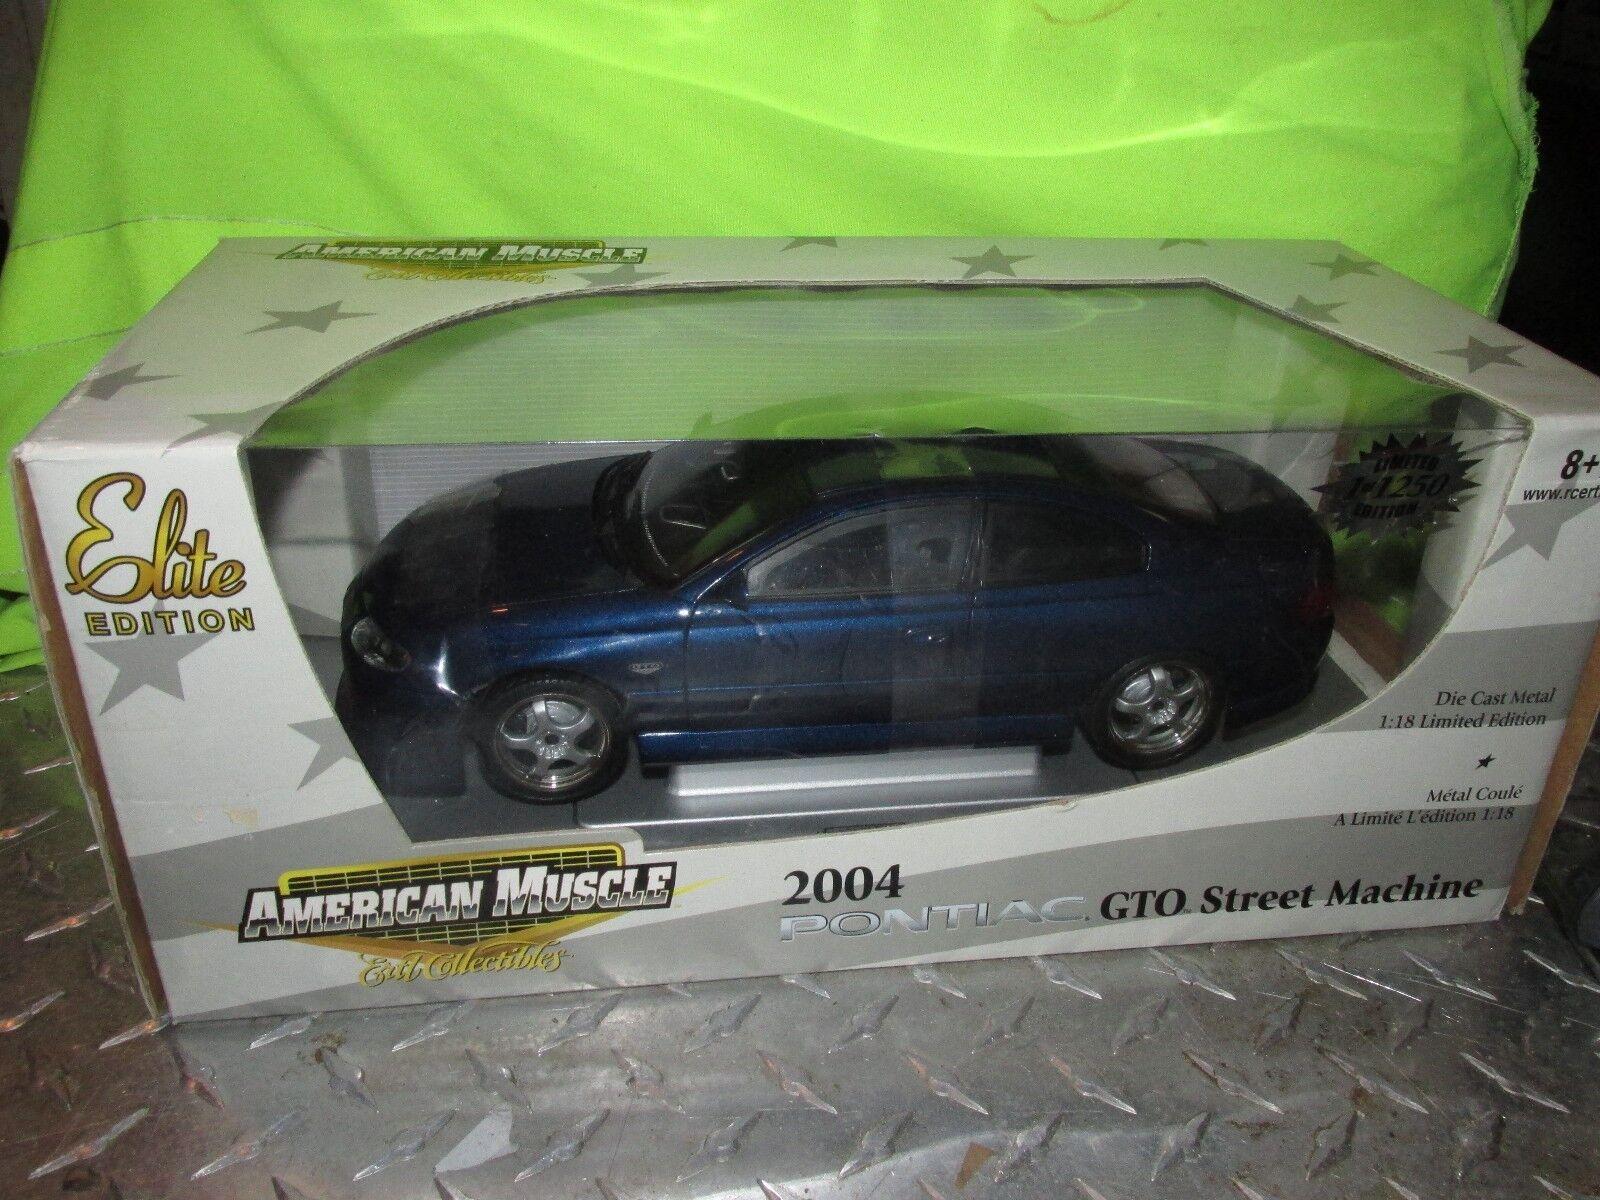 2004 Pontiac Gto 1 18 American Muscle Limited 1 de 1250 máquina de Calle blu Oscuro